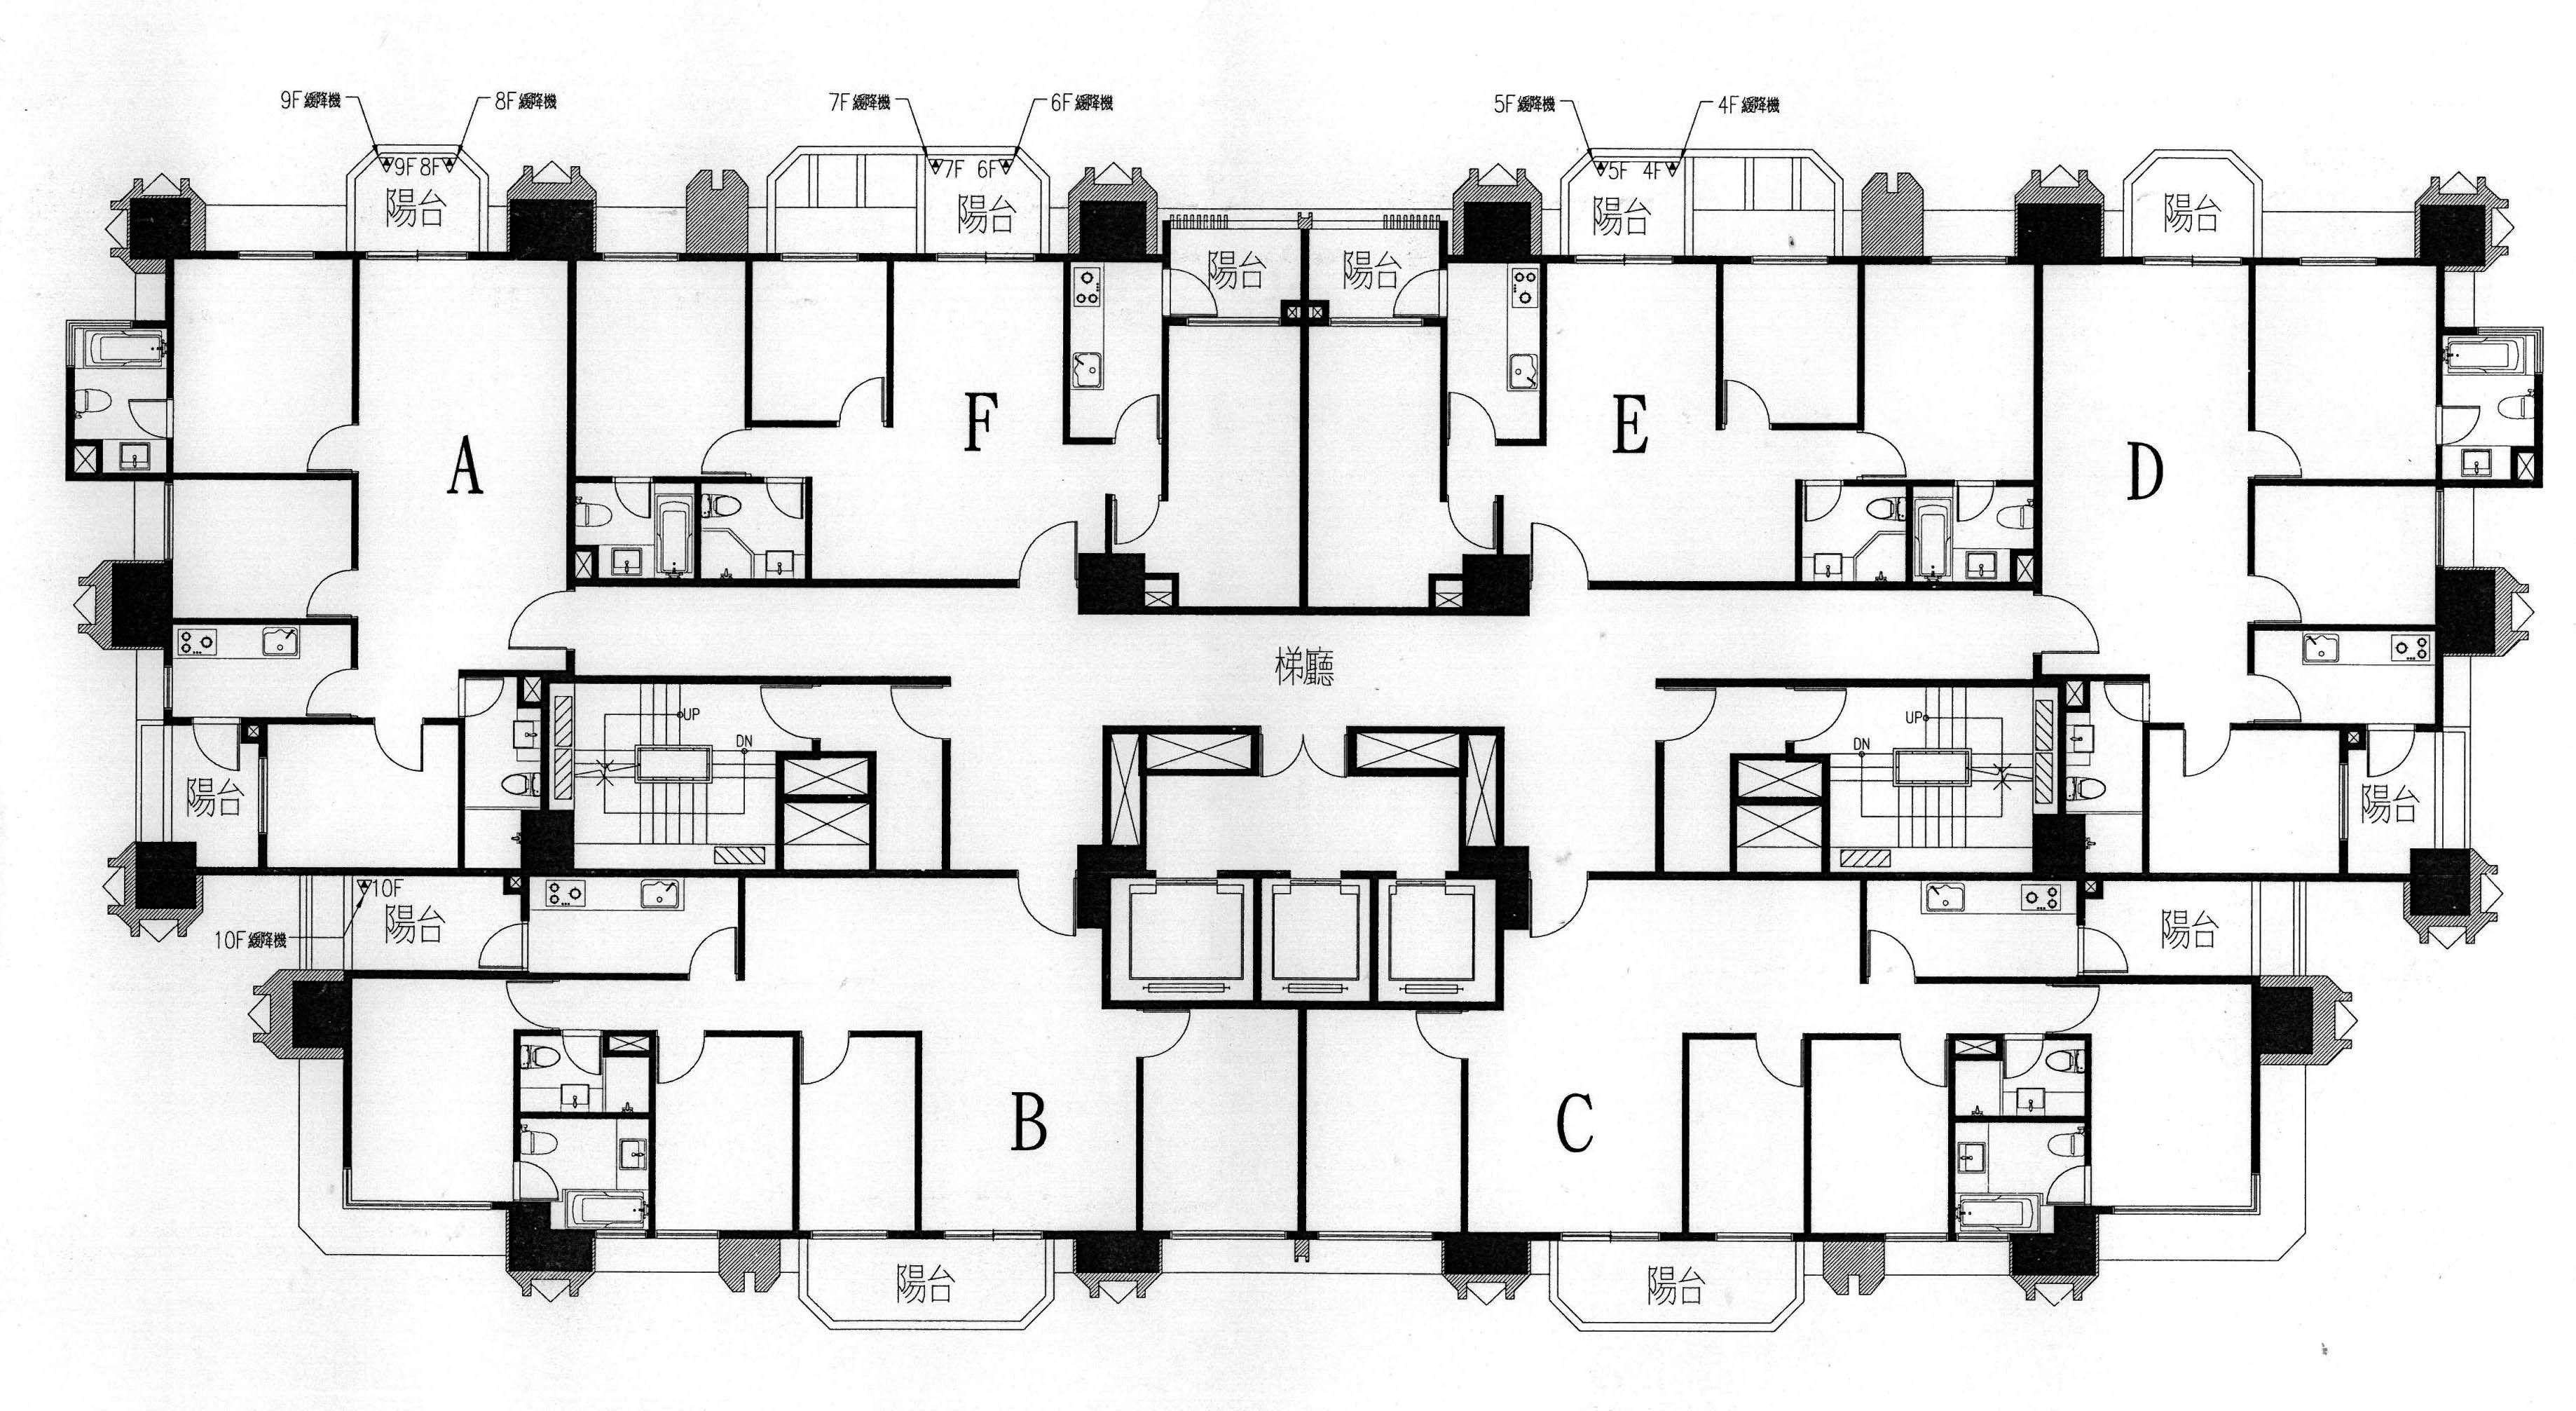 Apartment Floor Plans Torres Apartments Architecture Design House Condos